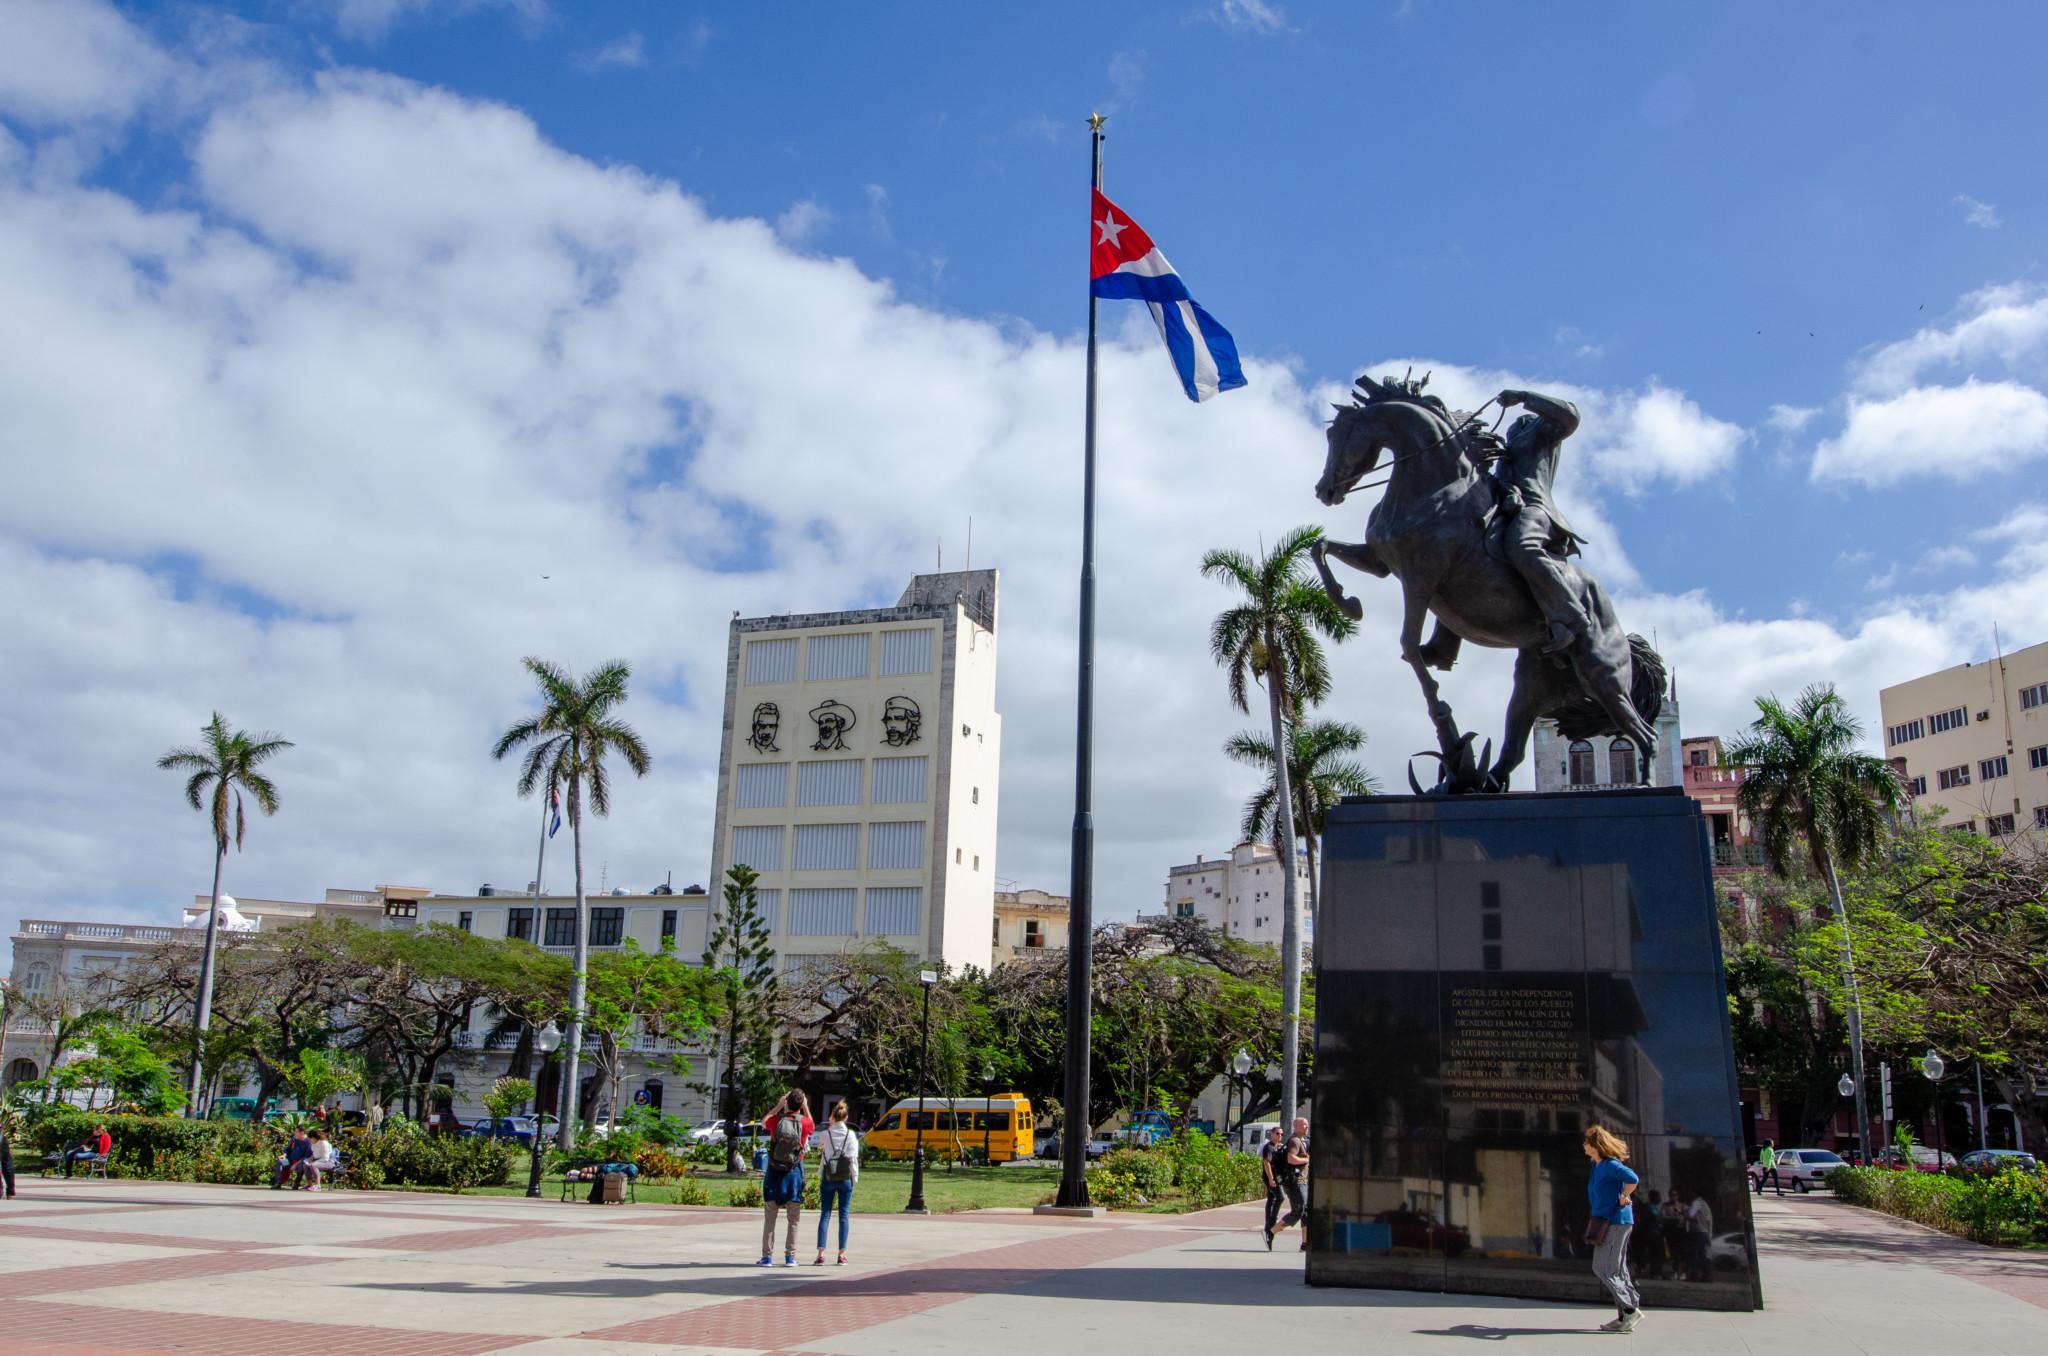 Platz mit Statue